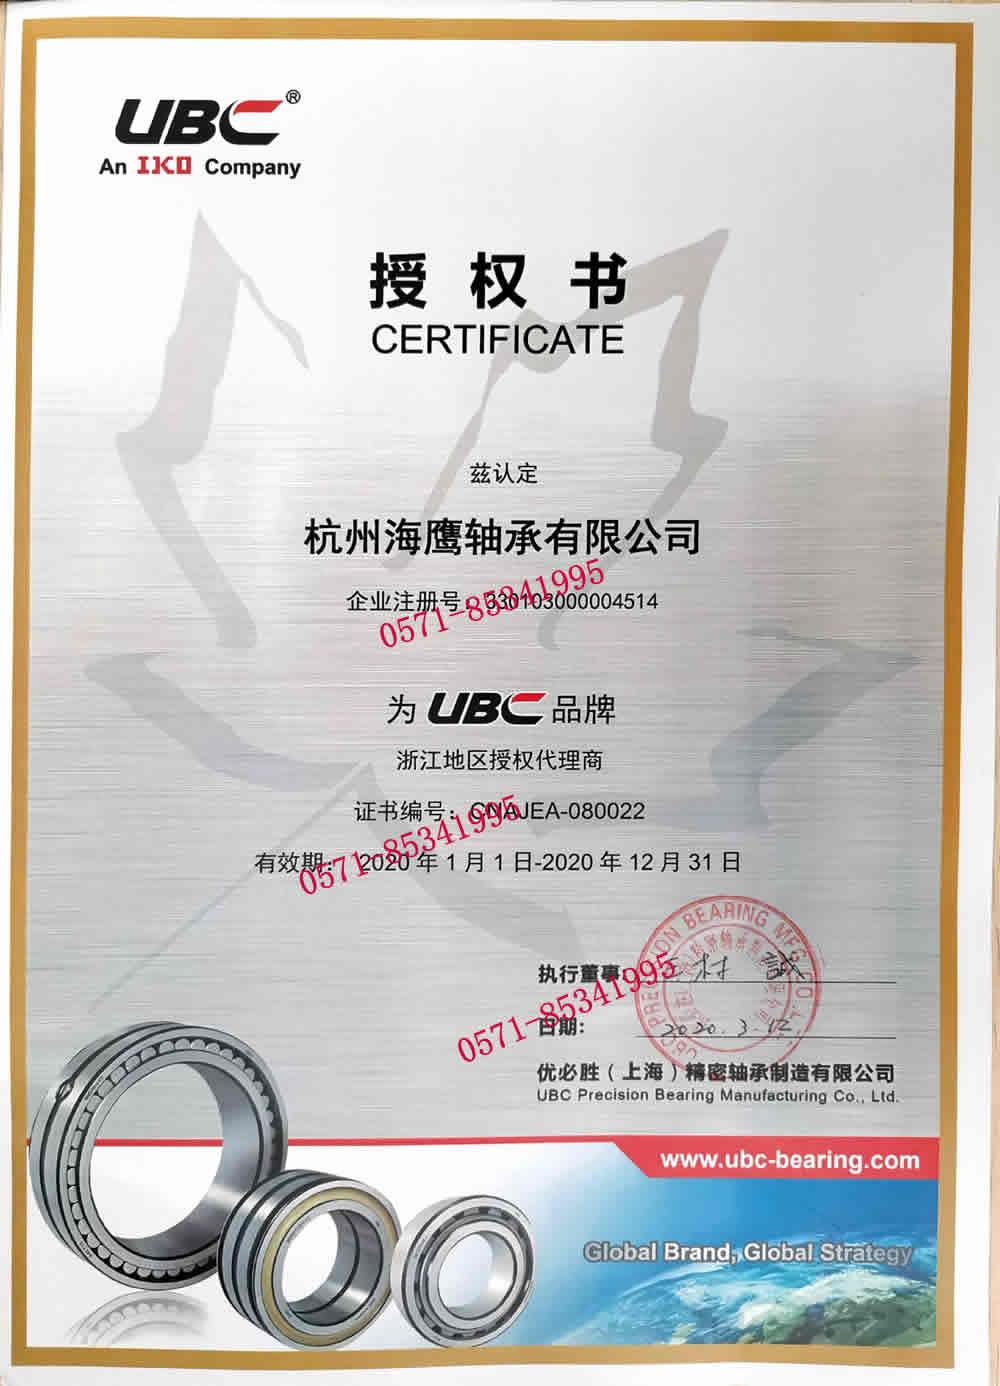 2020UBC证书